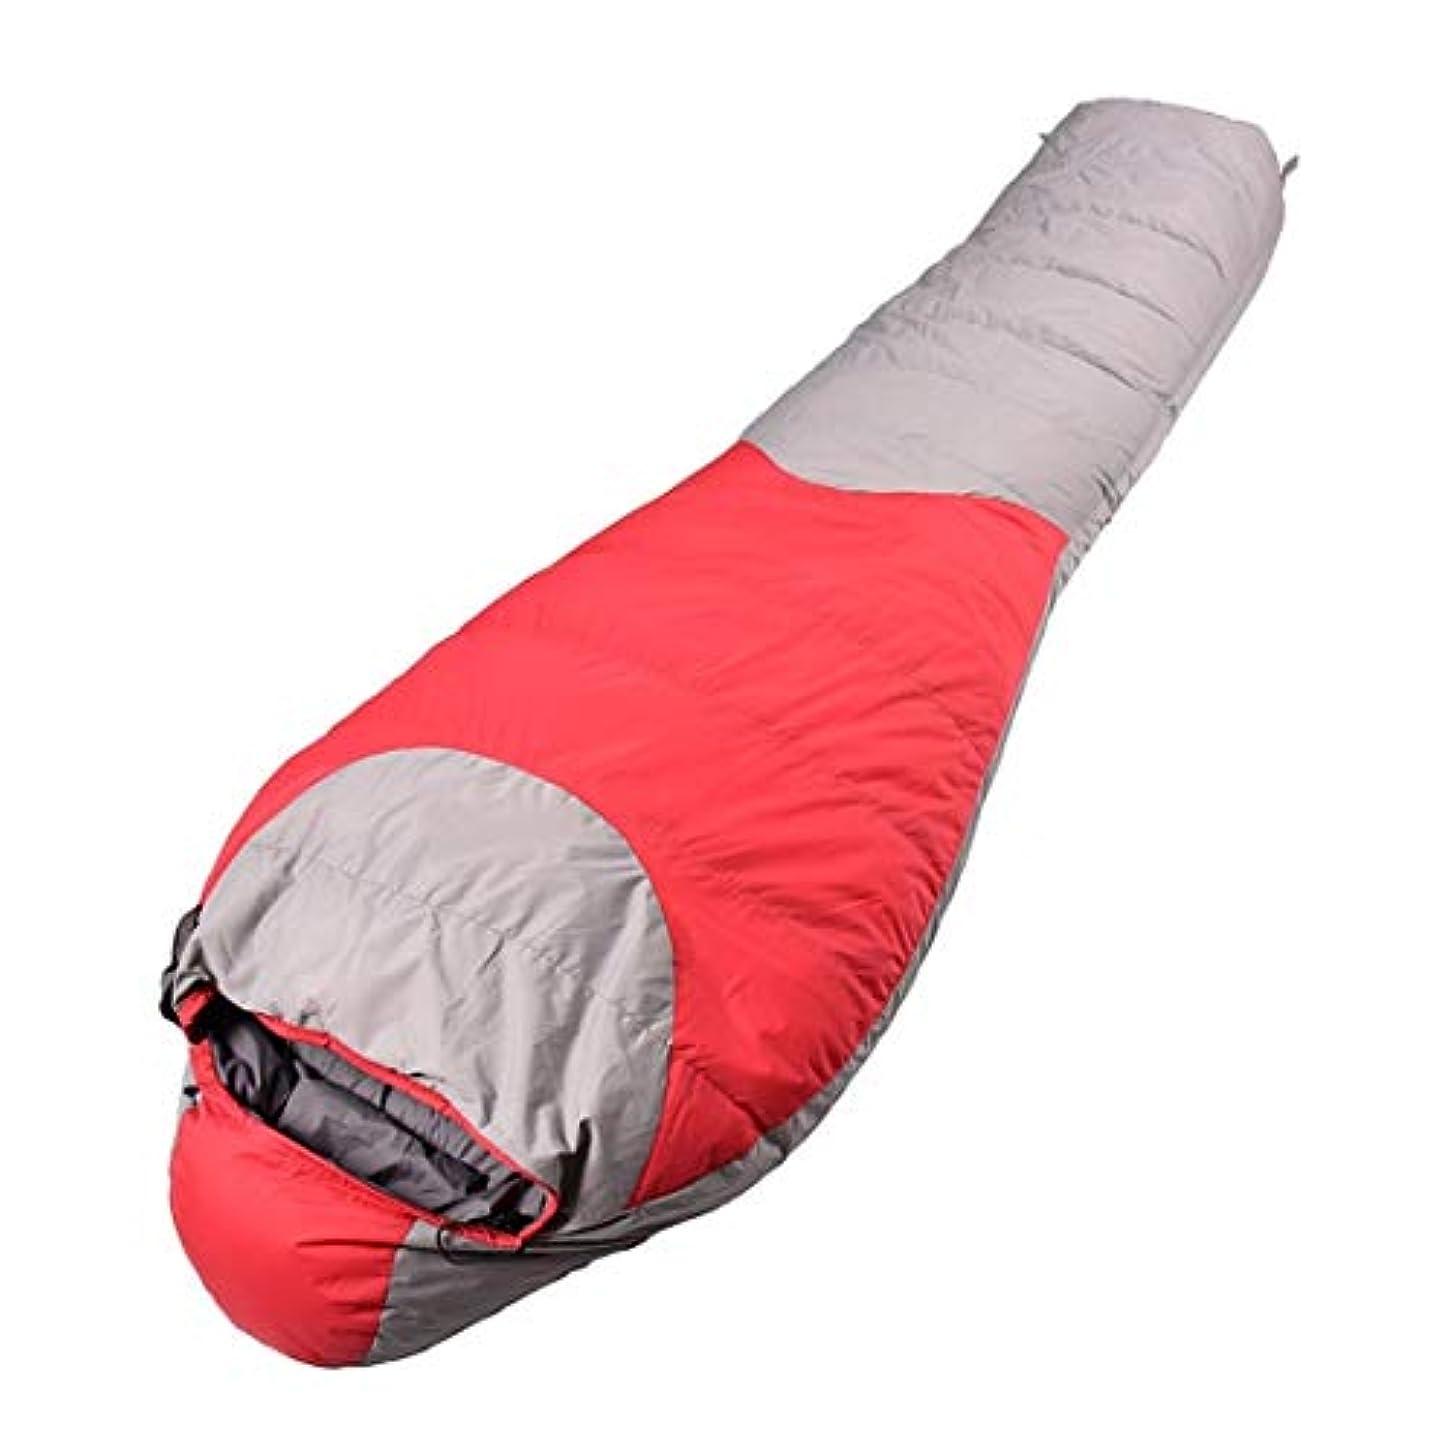 ゴネリルアッパー付けるKoloeplf 防水ダウン寝袋グースダウン冬のアウトドアキャンプ寝袋卸売ミイラ (Color : Red)